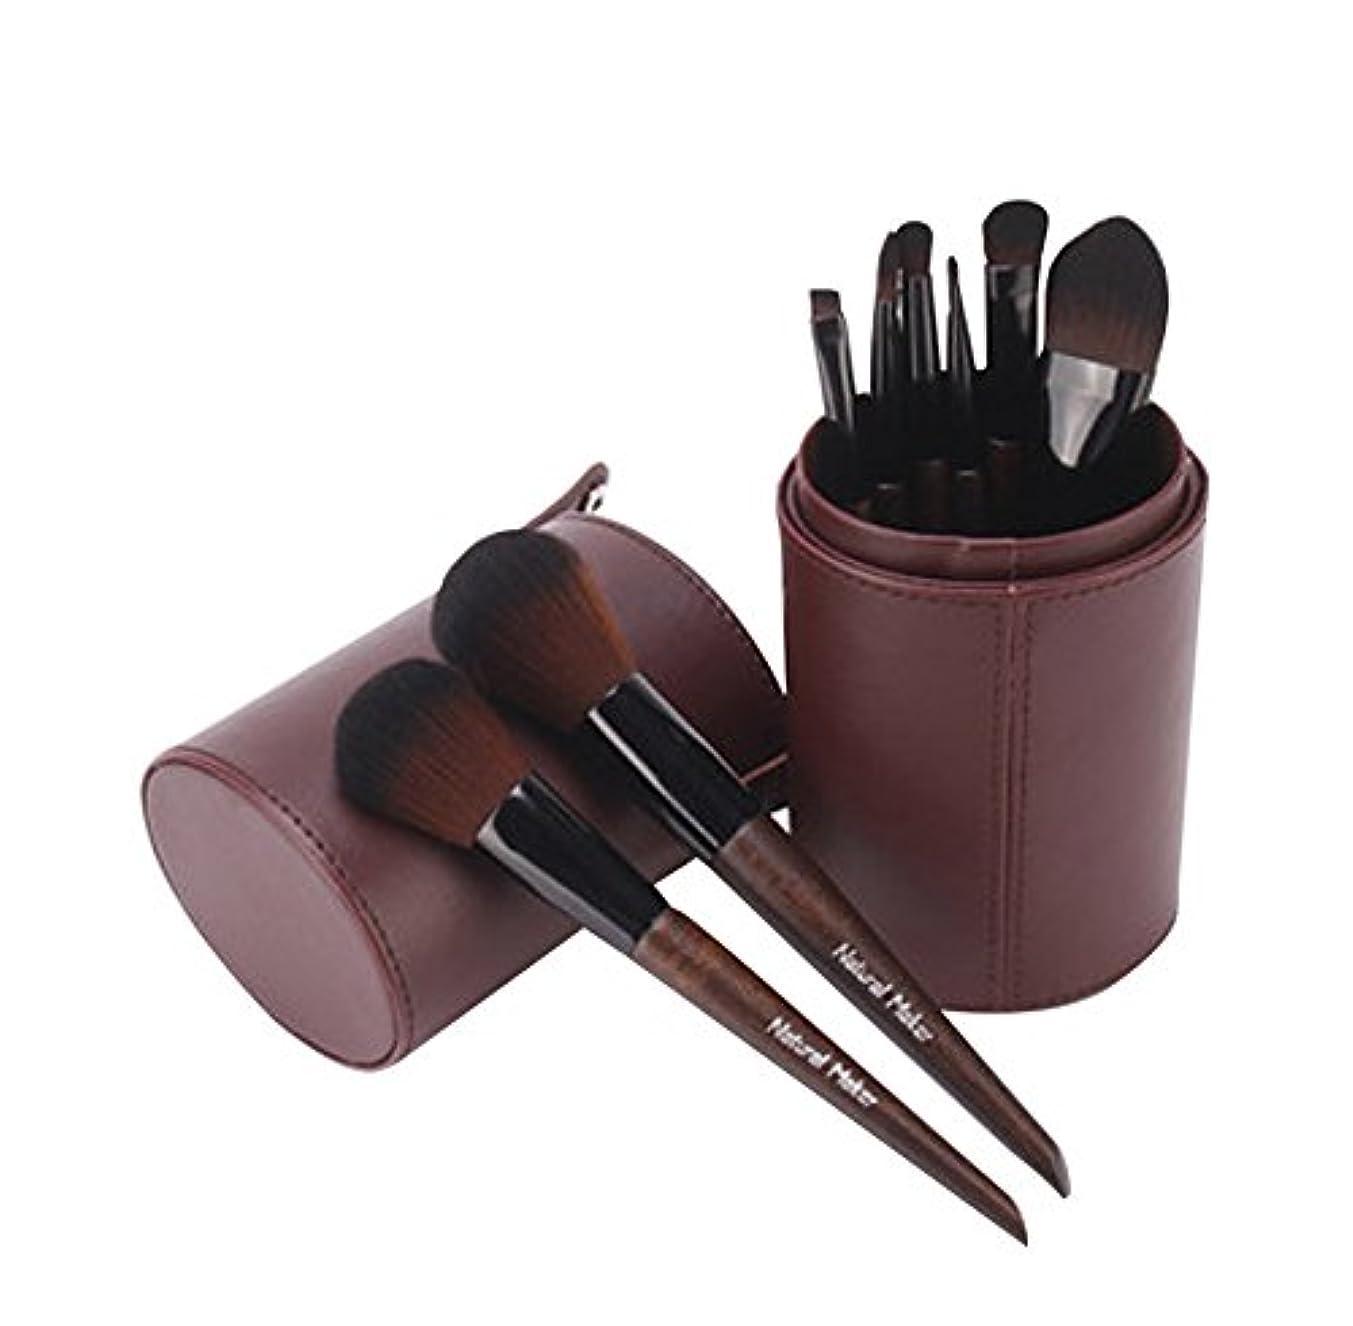 銛無効にする質素なメイクブラシ 化粧筆 コスメブラシ 化粧ブラシ 高級繊維毛 極上の肌触り 8本セット 化粧ケース付き